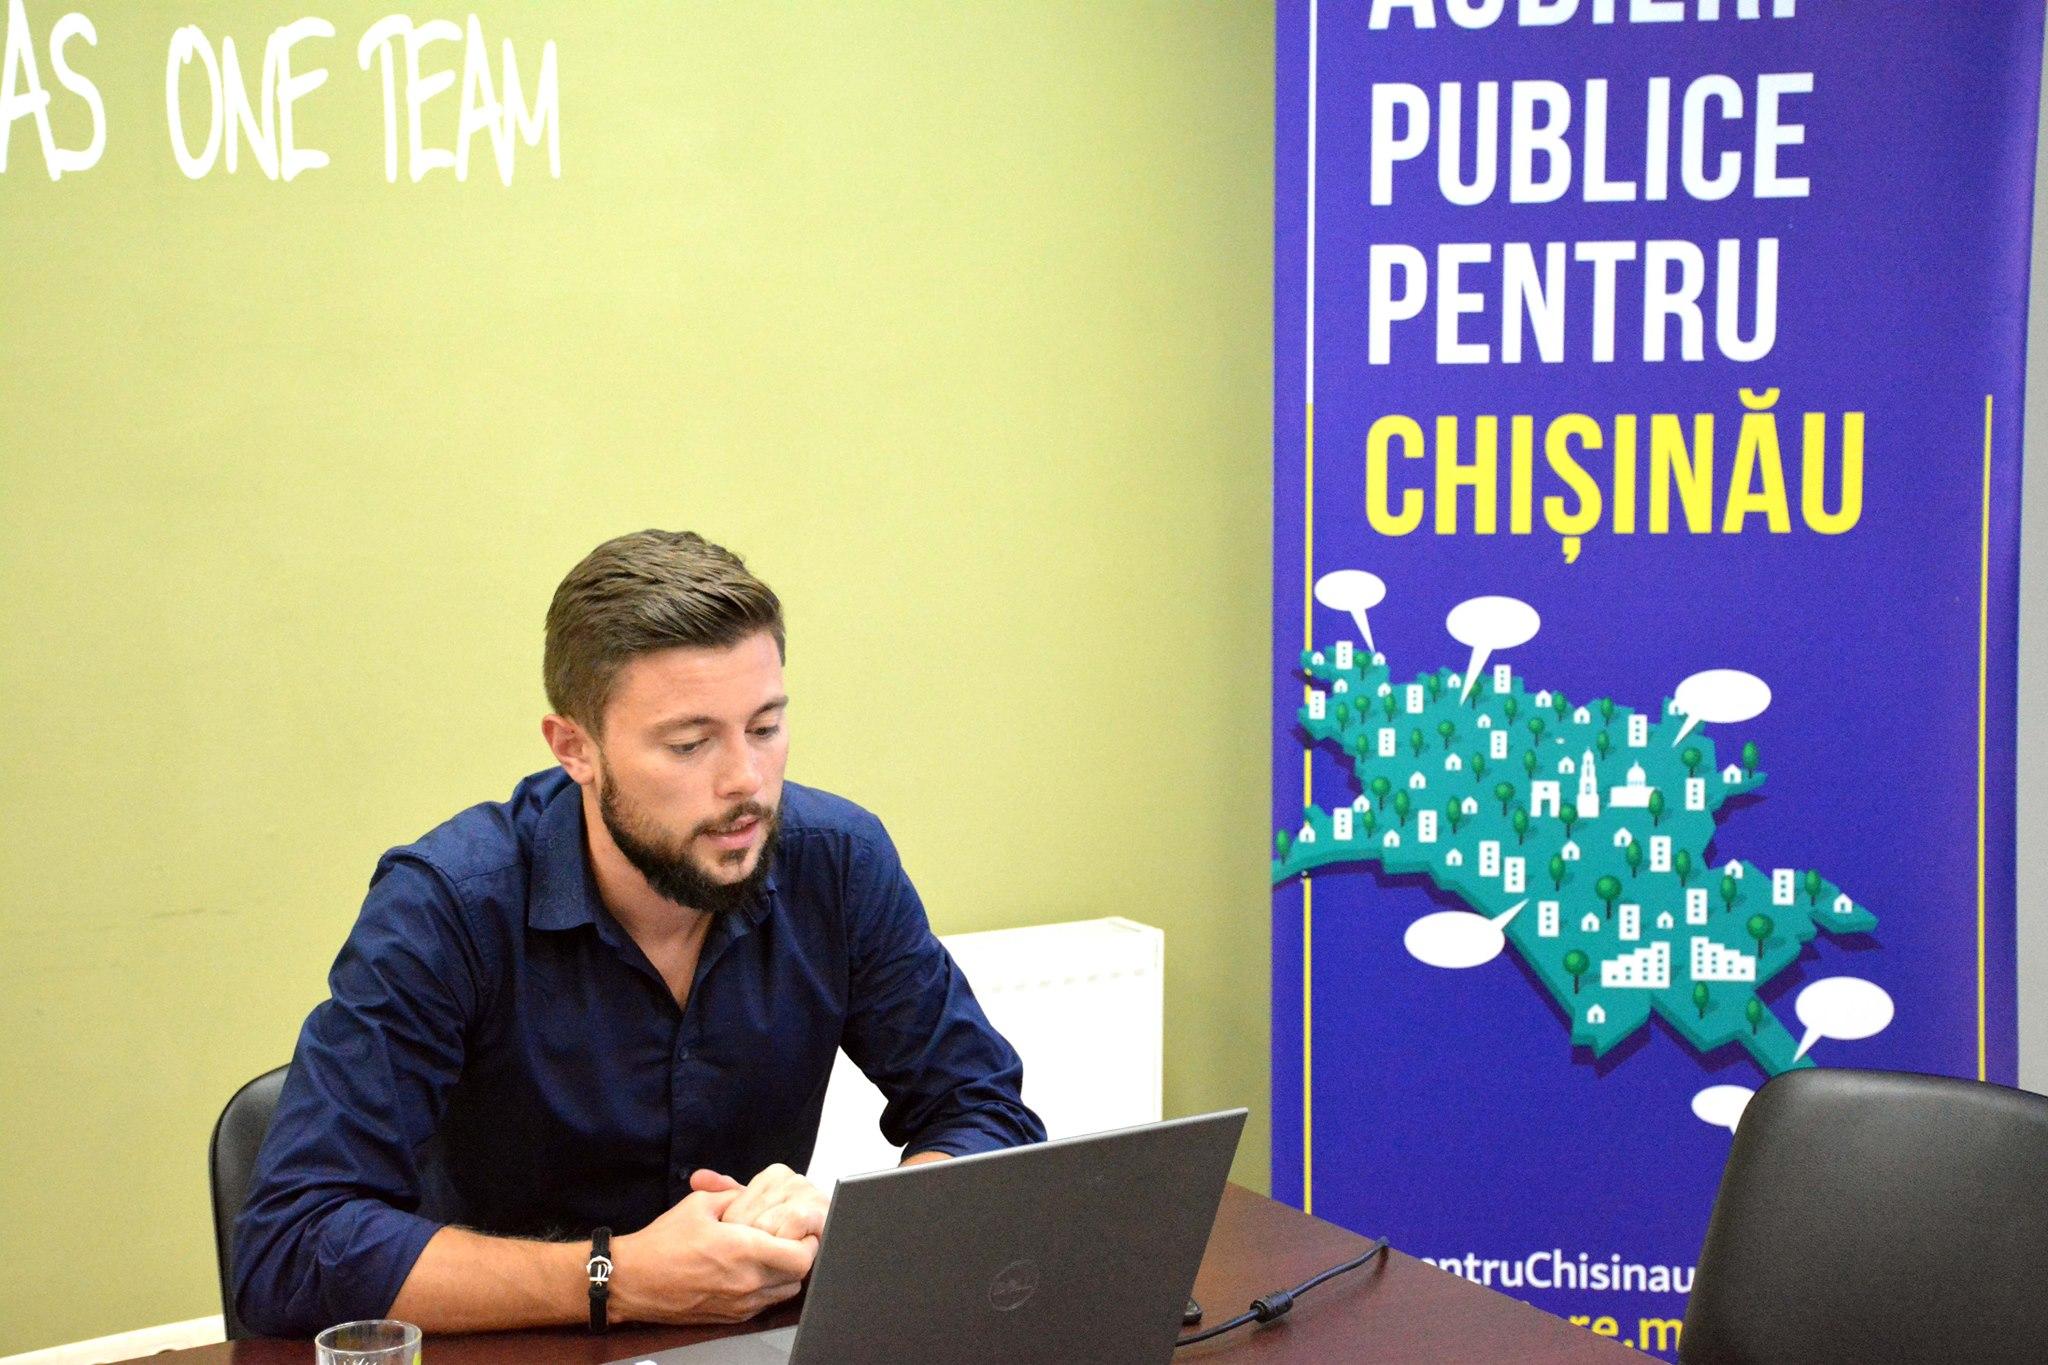 """Propunerile unui activist cu privire la cele mai importante străzi din Chișinău: """"Asta va stimula oamenii să …"""""""